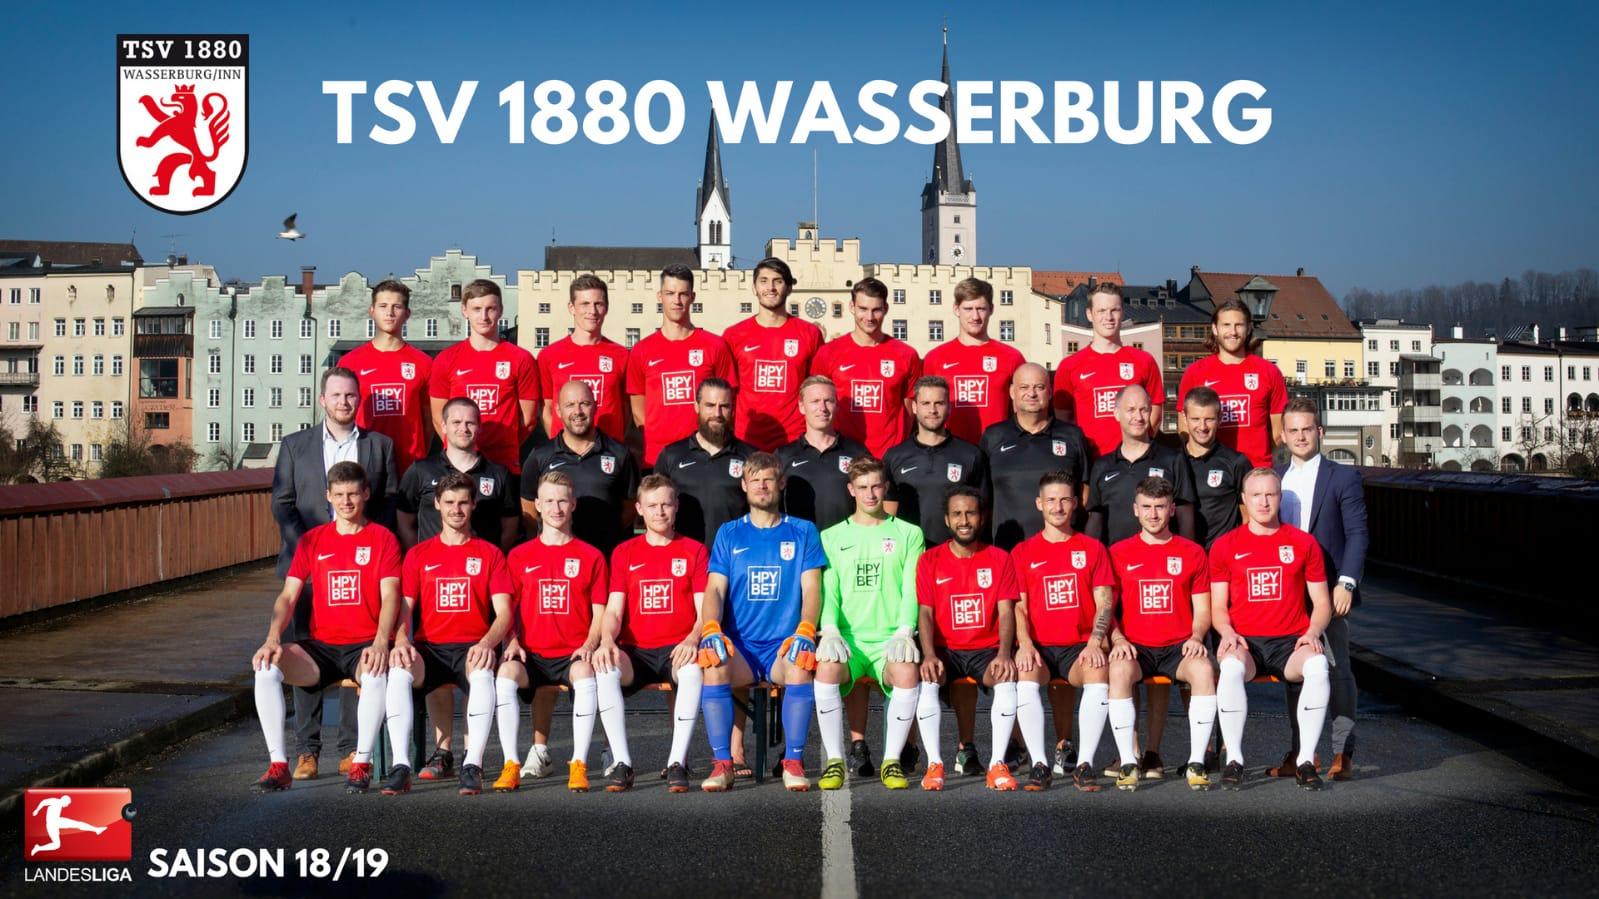 1880 Wasserburg